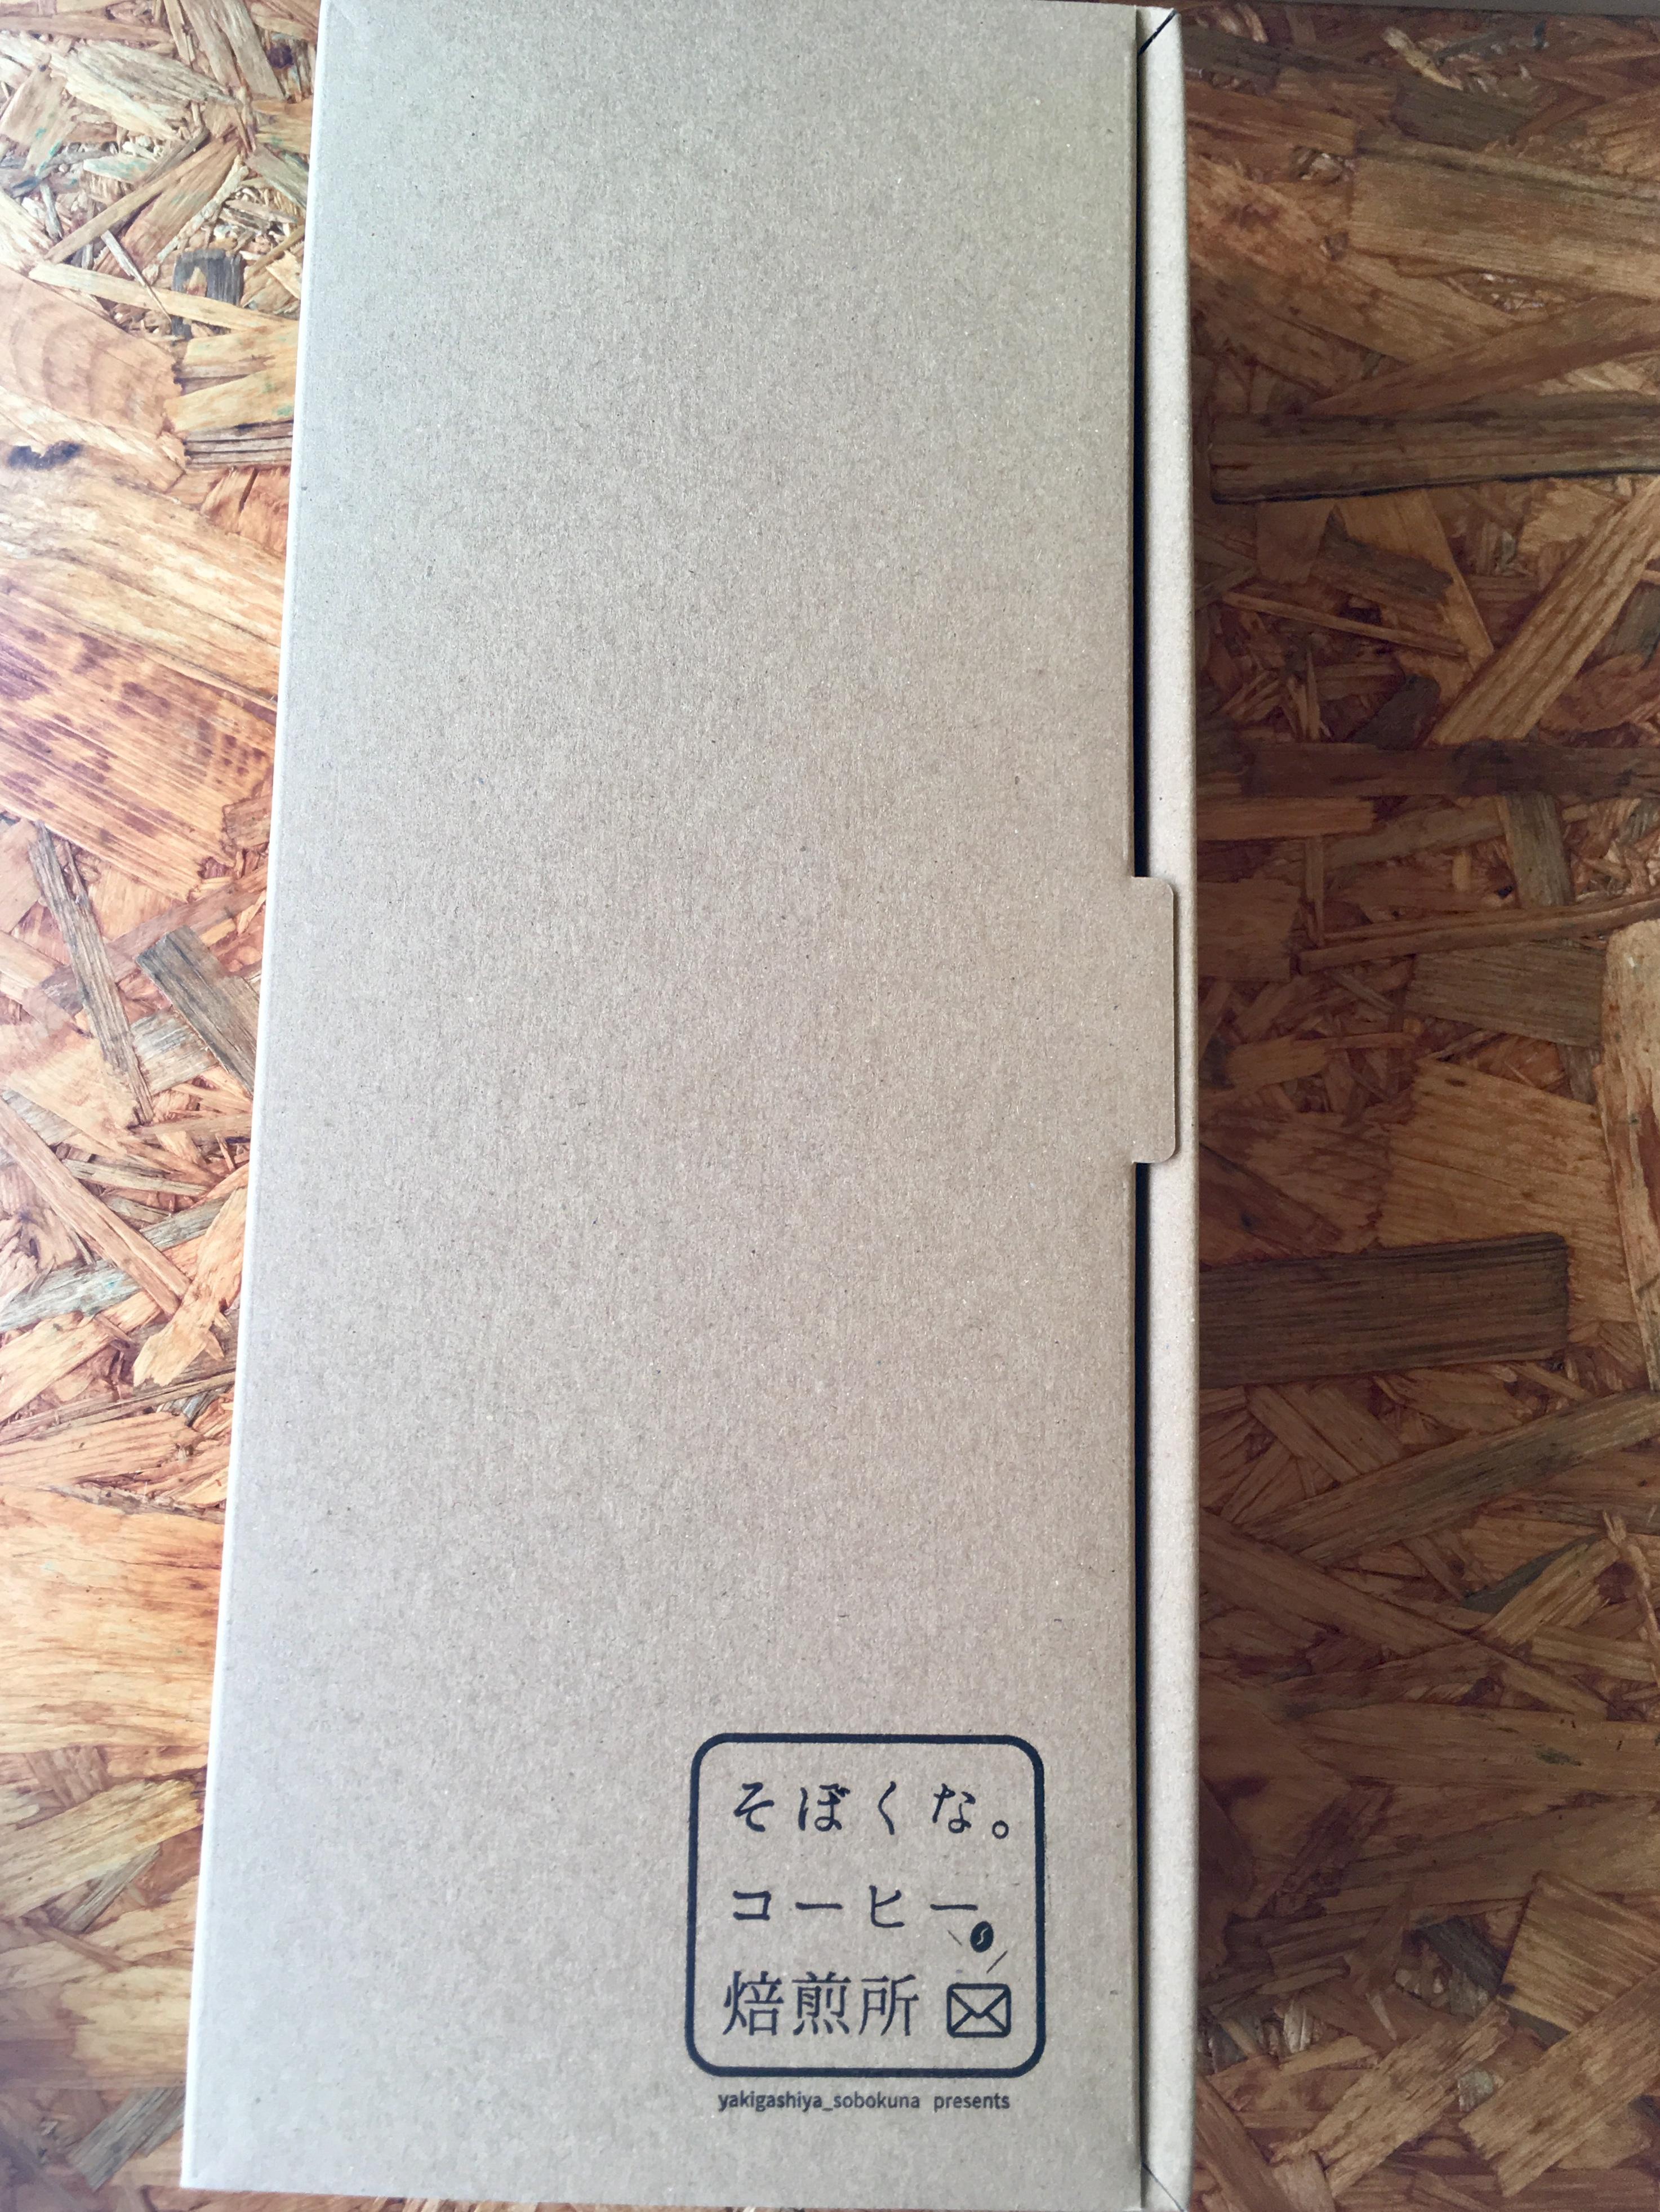 【台風】による商品の到着ご希望日時のご変更のお願い。